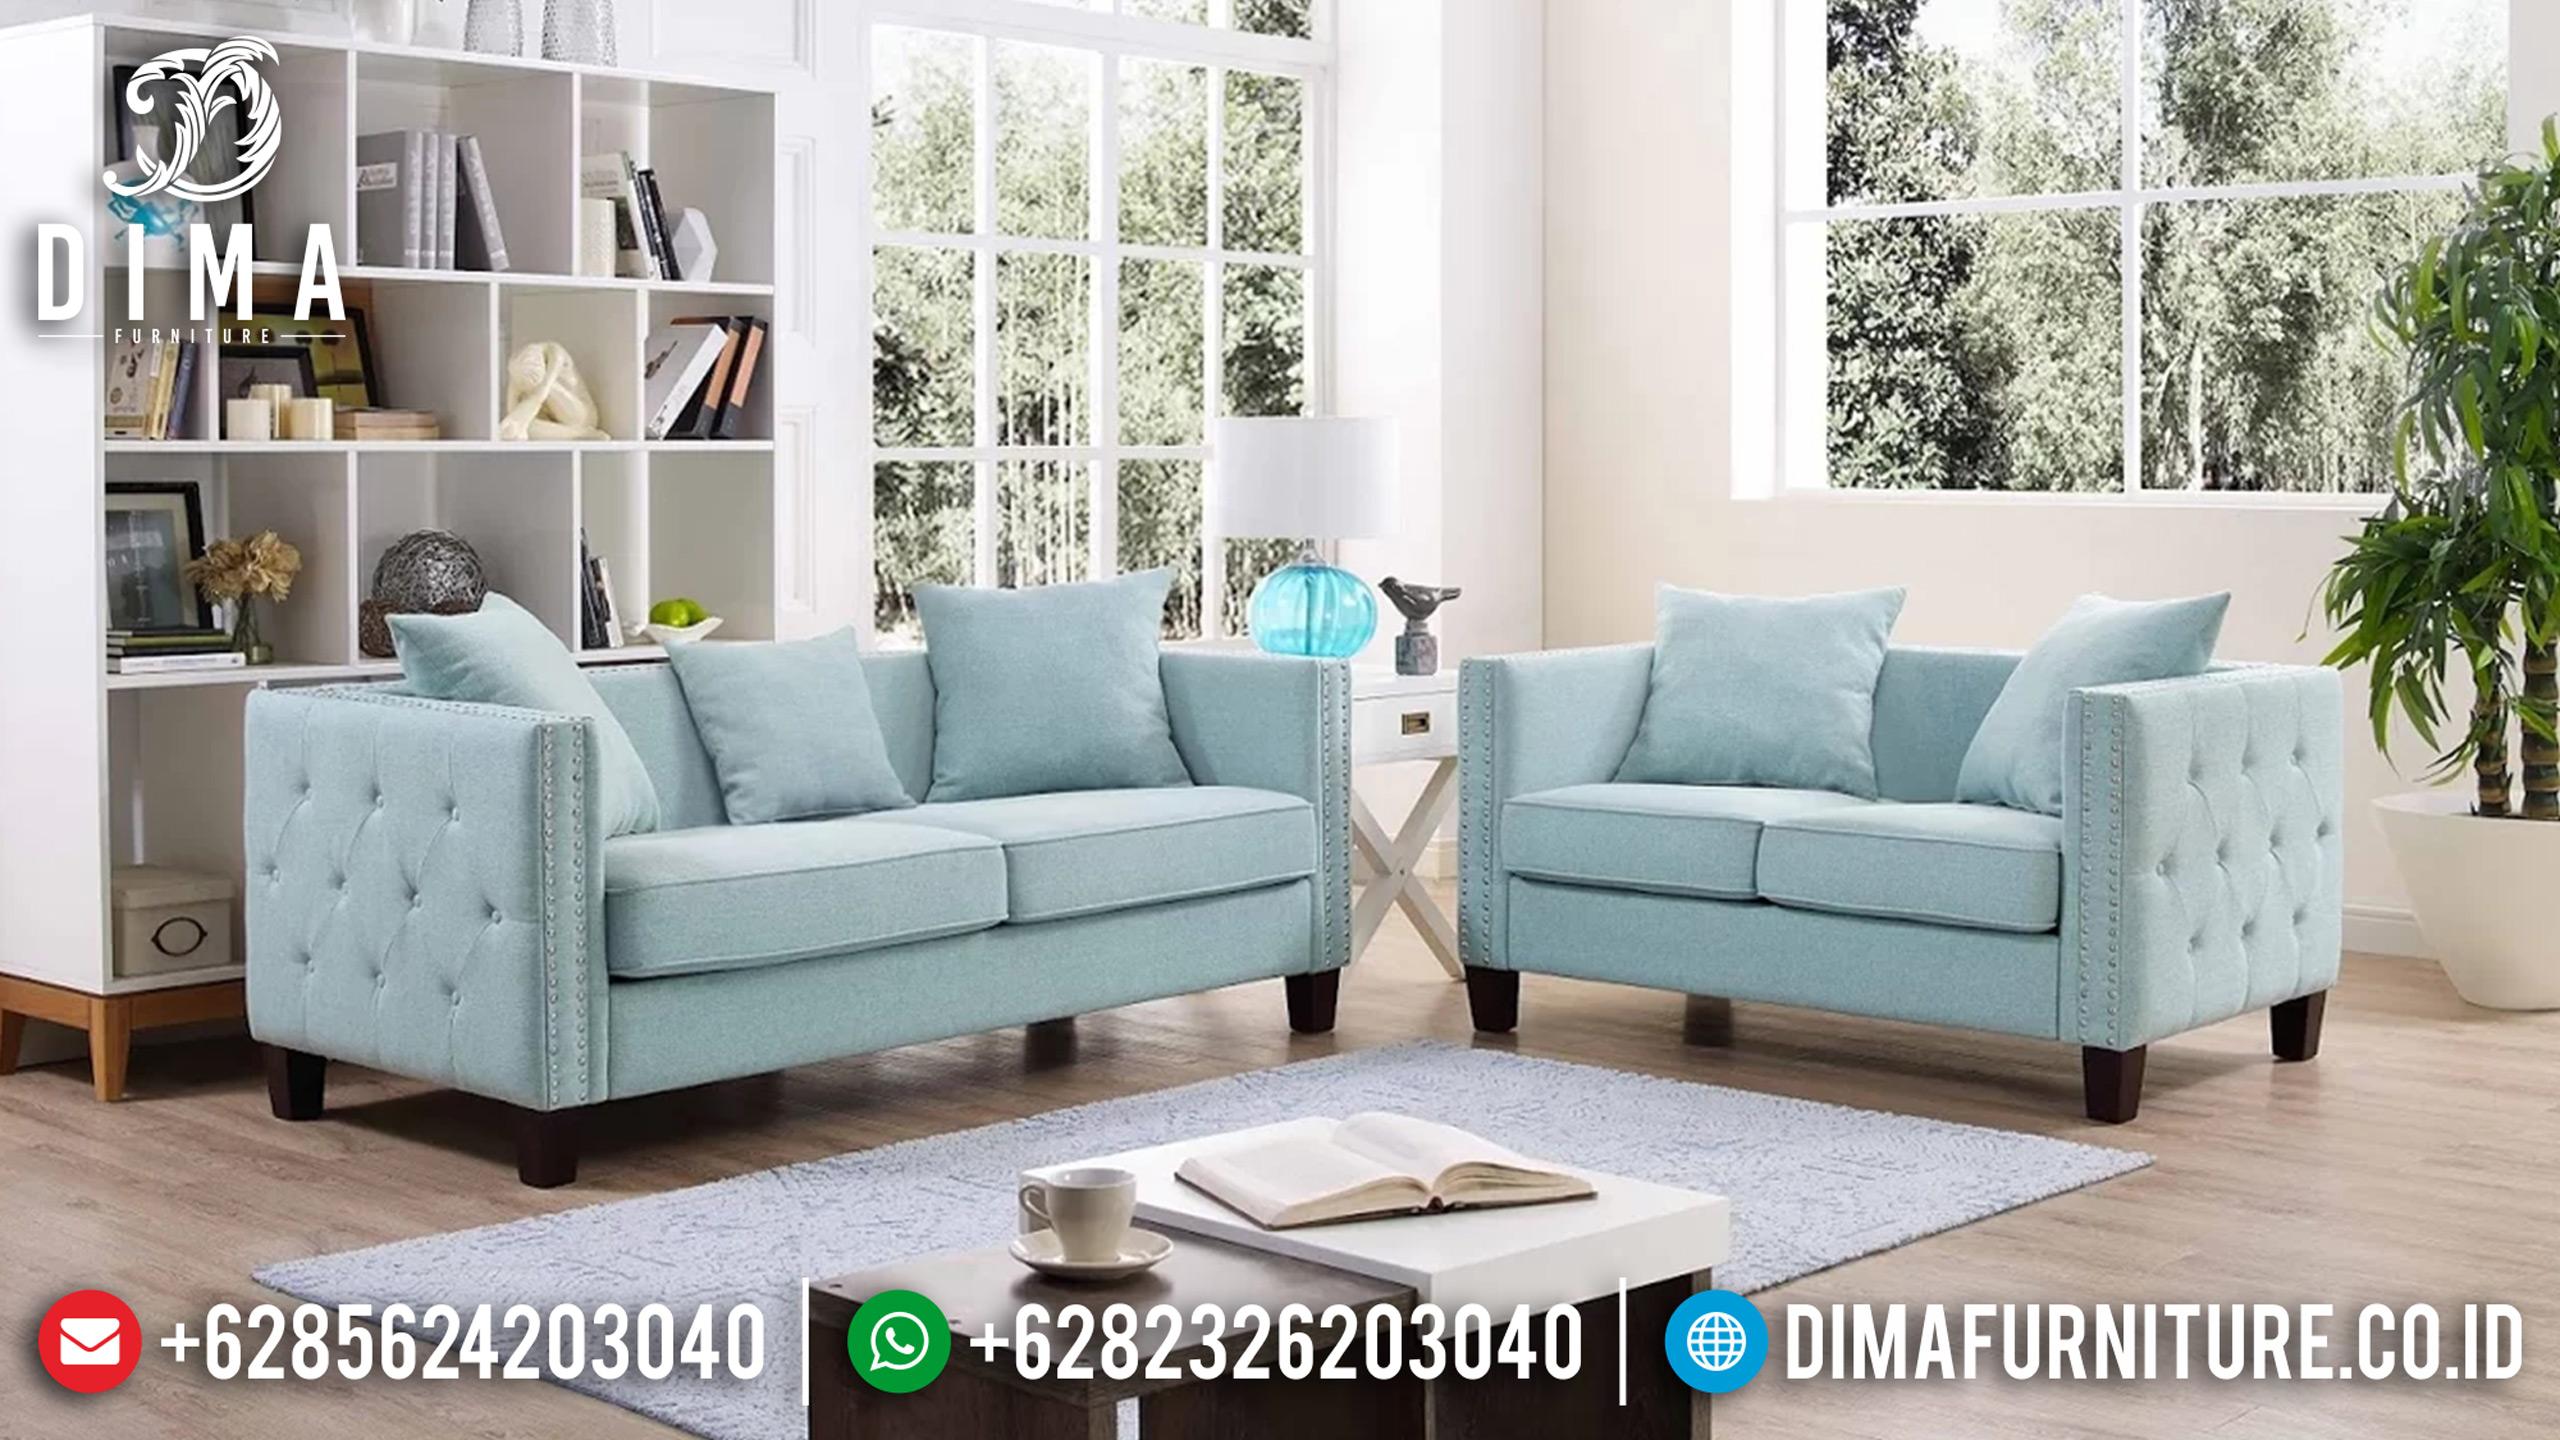 Jual Sofa Tamu Minimalis Jepara, Sofa Terbaru Mewah, Kursi Tamu Jepara DF-0835